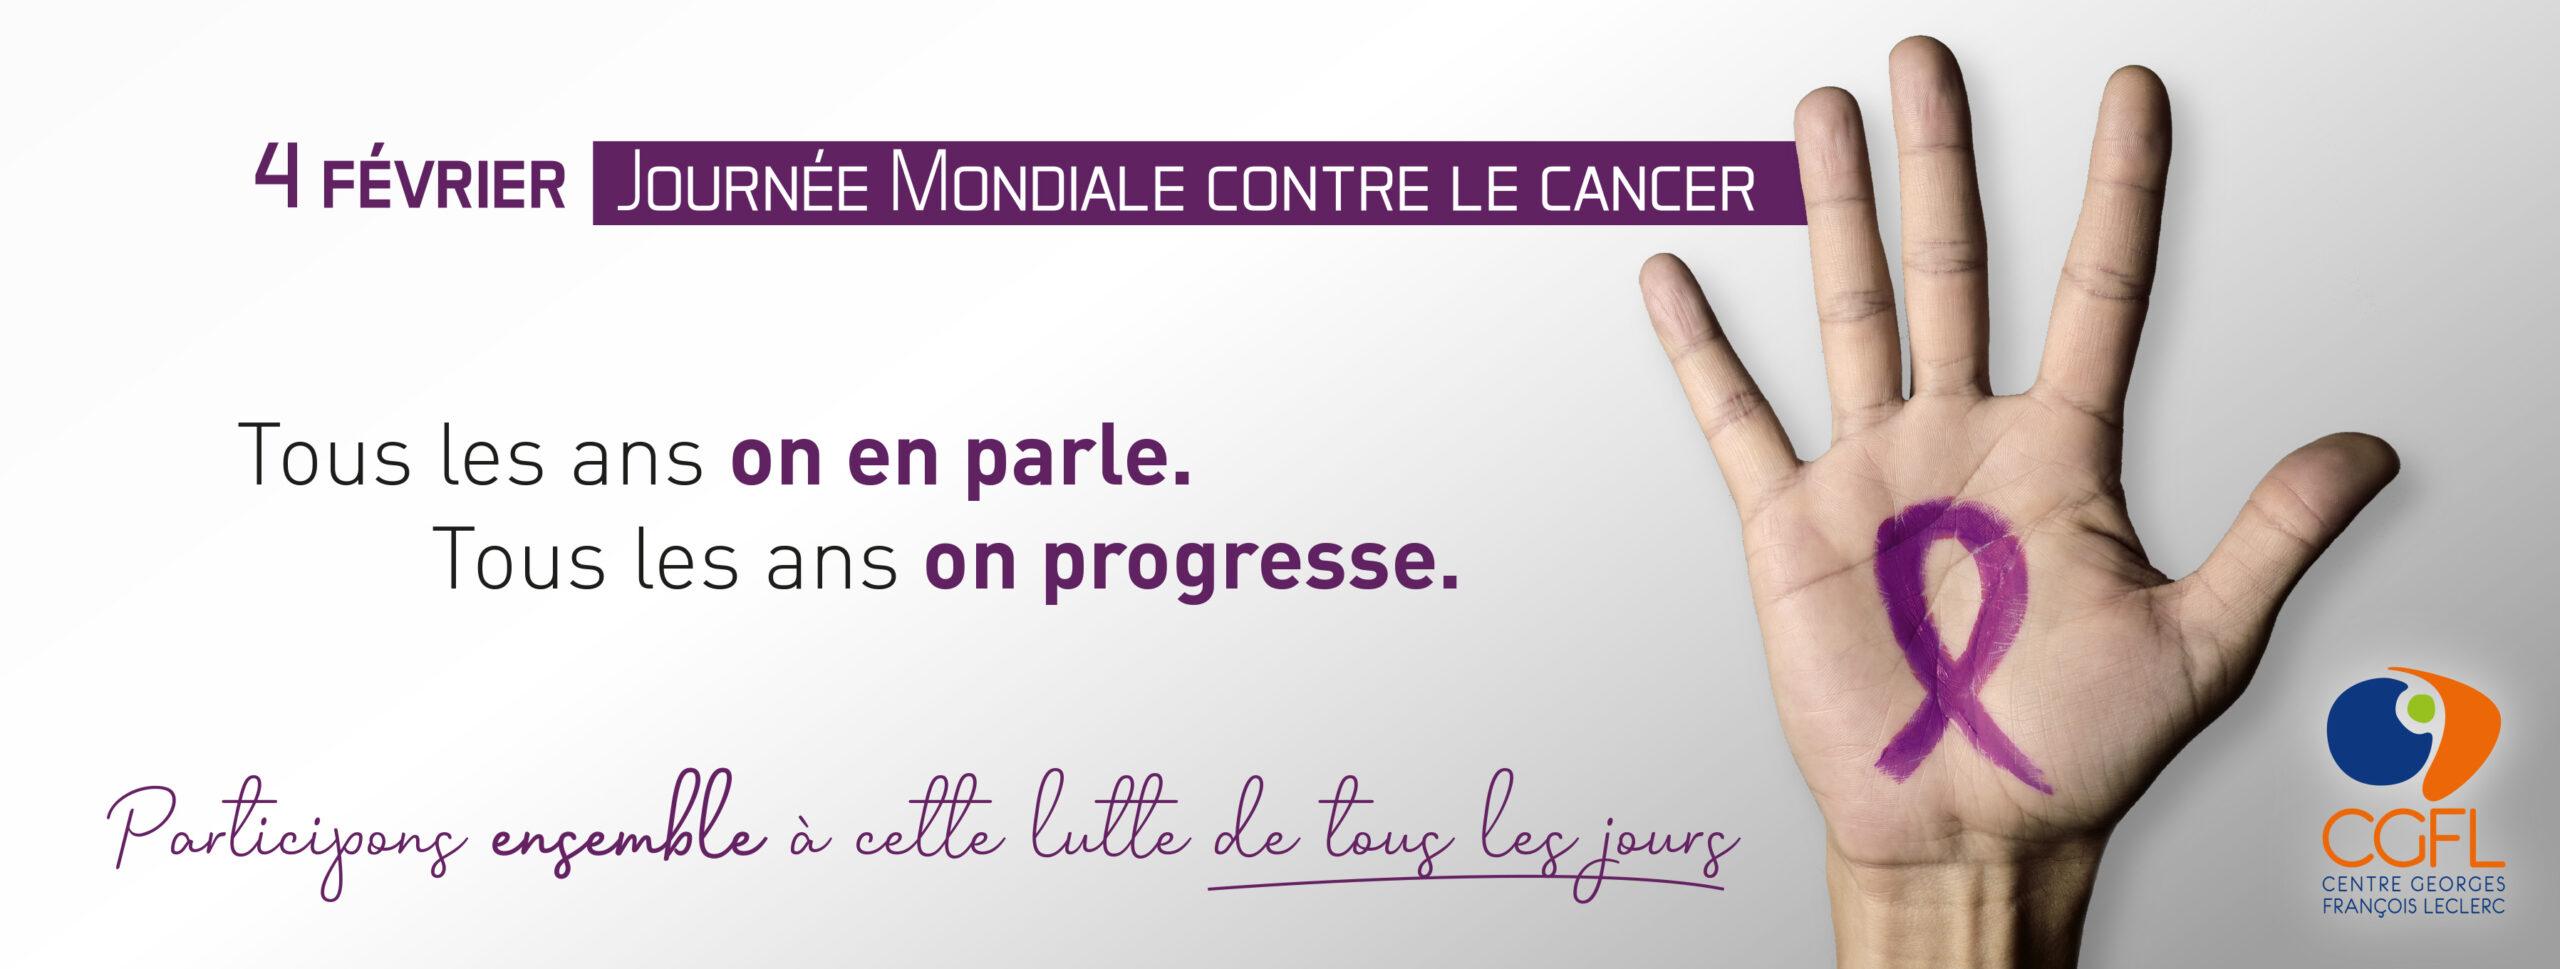 Journée mondiale contre le cancer 2021